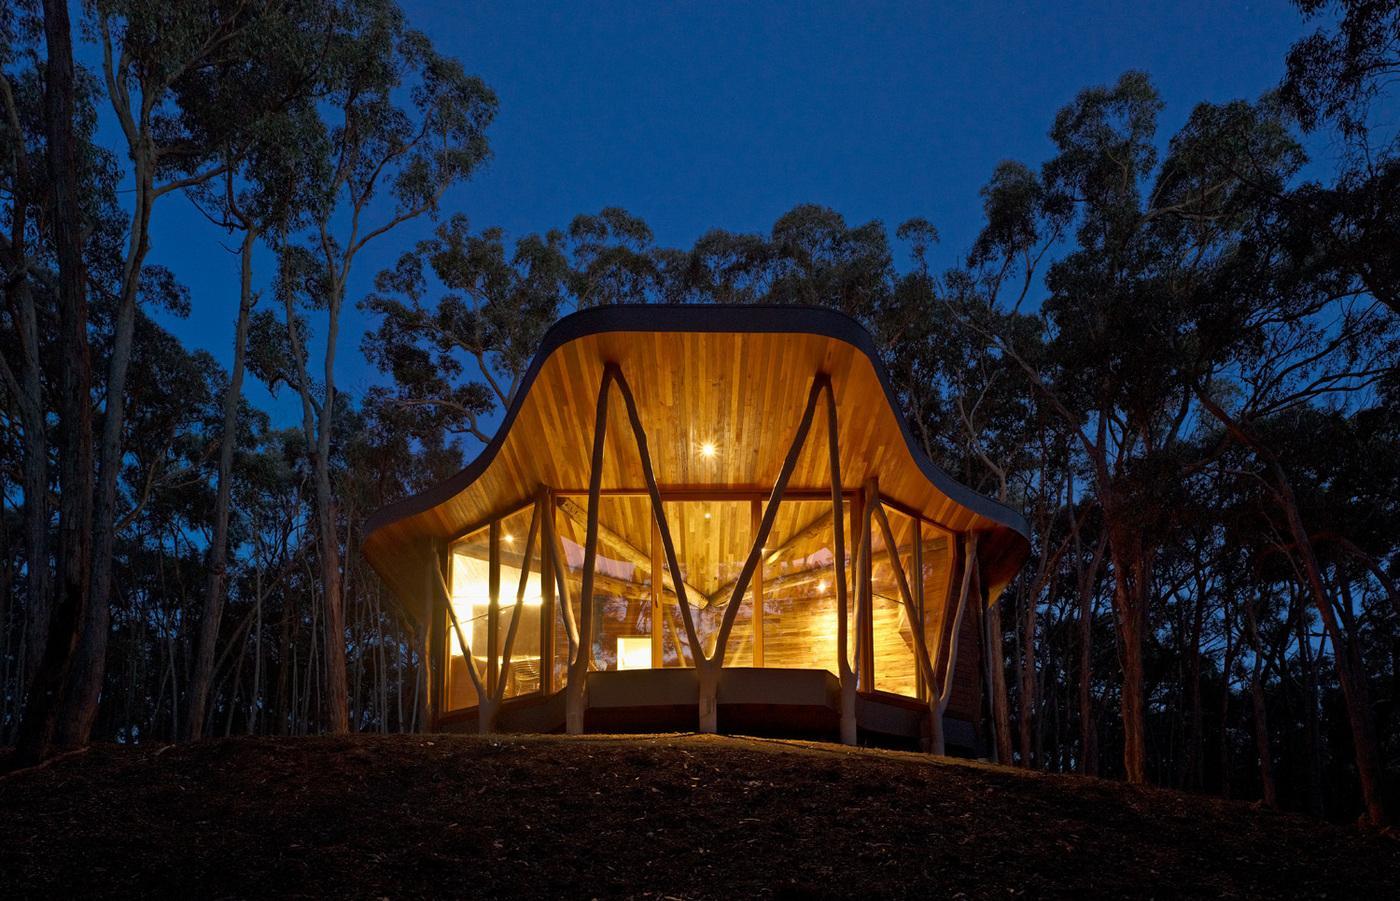 wood cabin outdoor, wooden beam